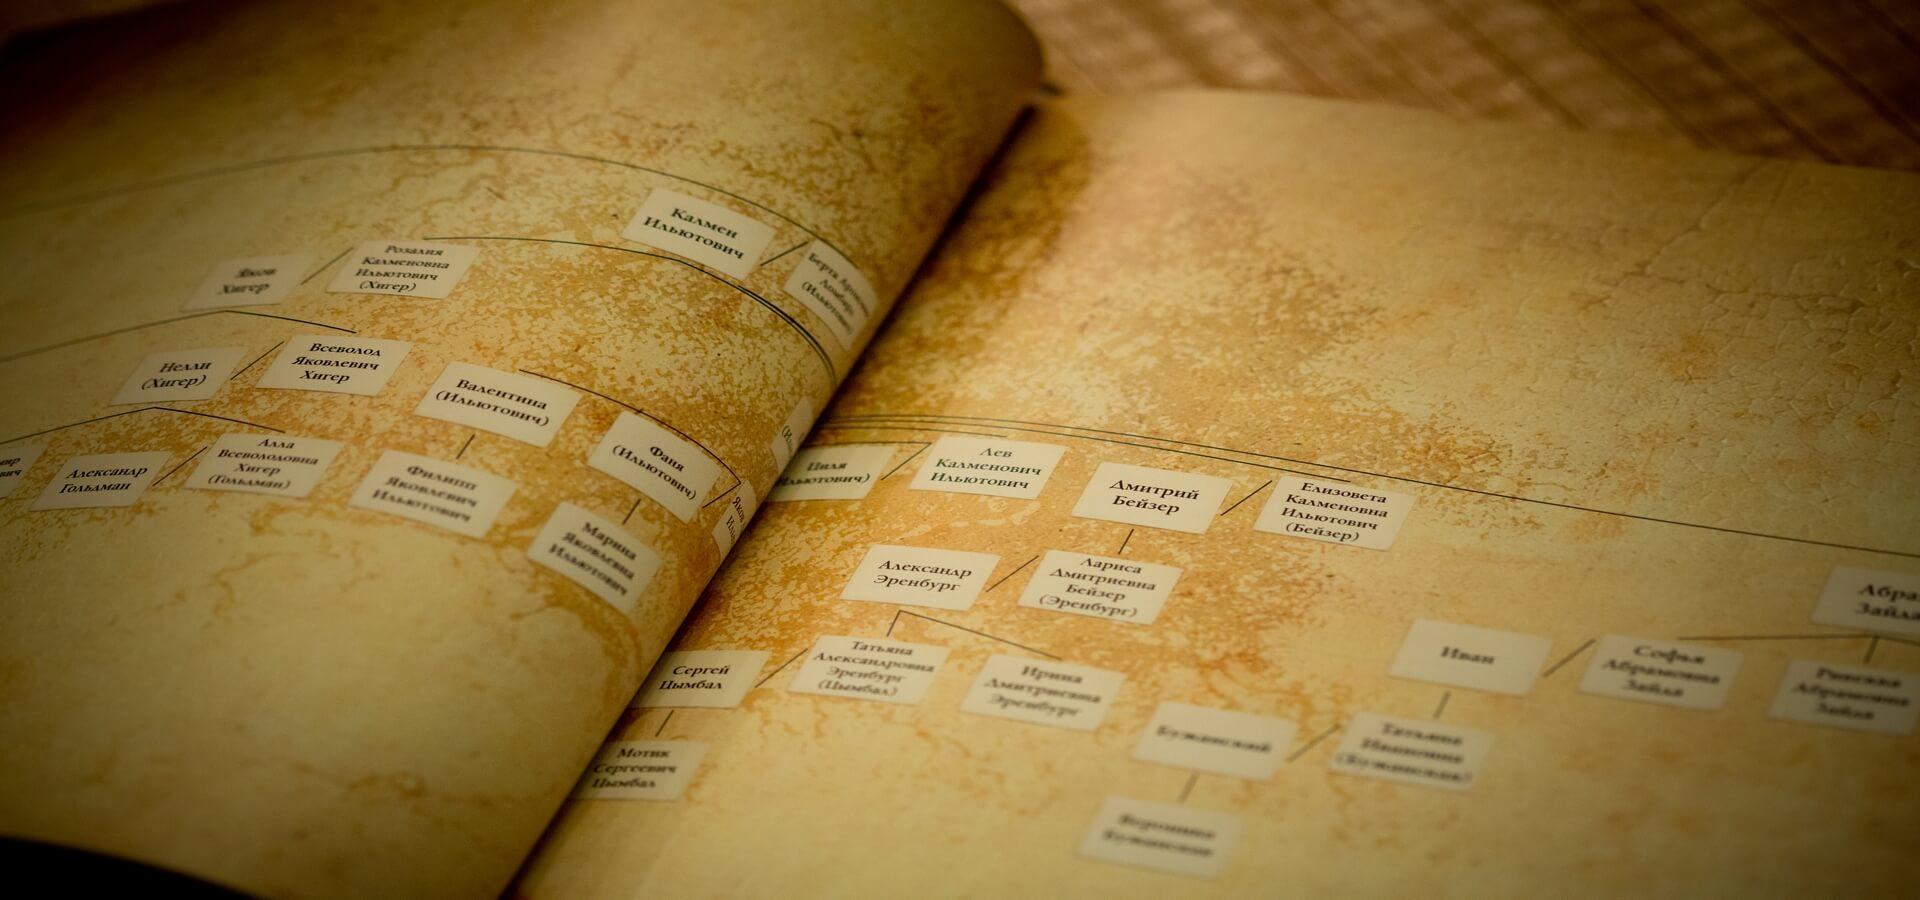 генеалогическая карта в родословной книге